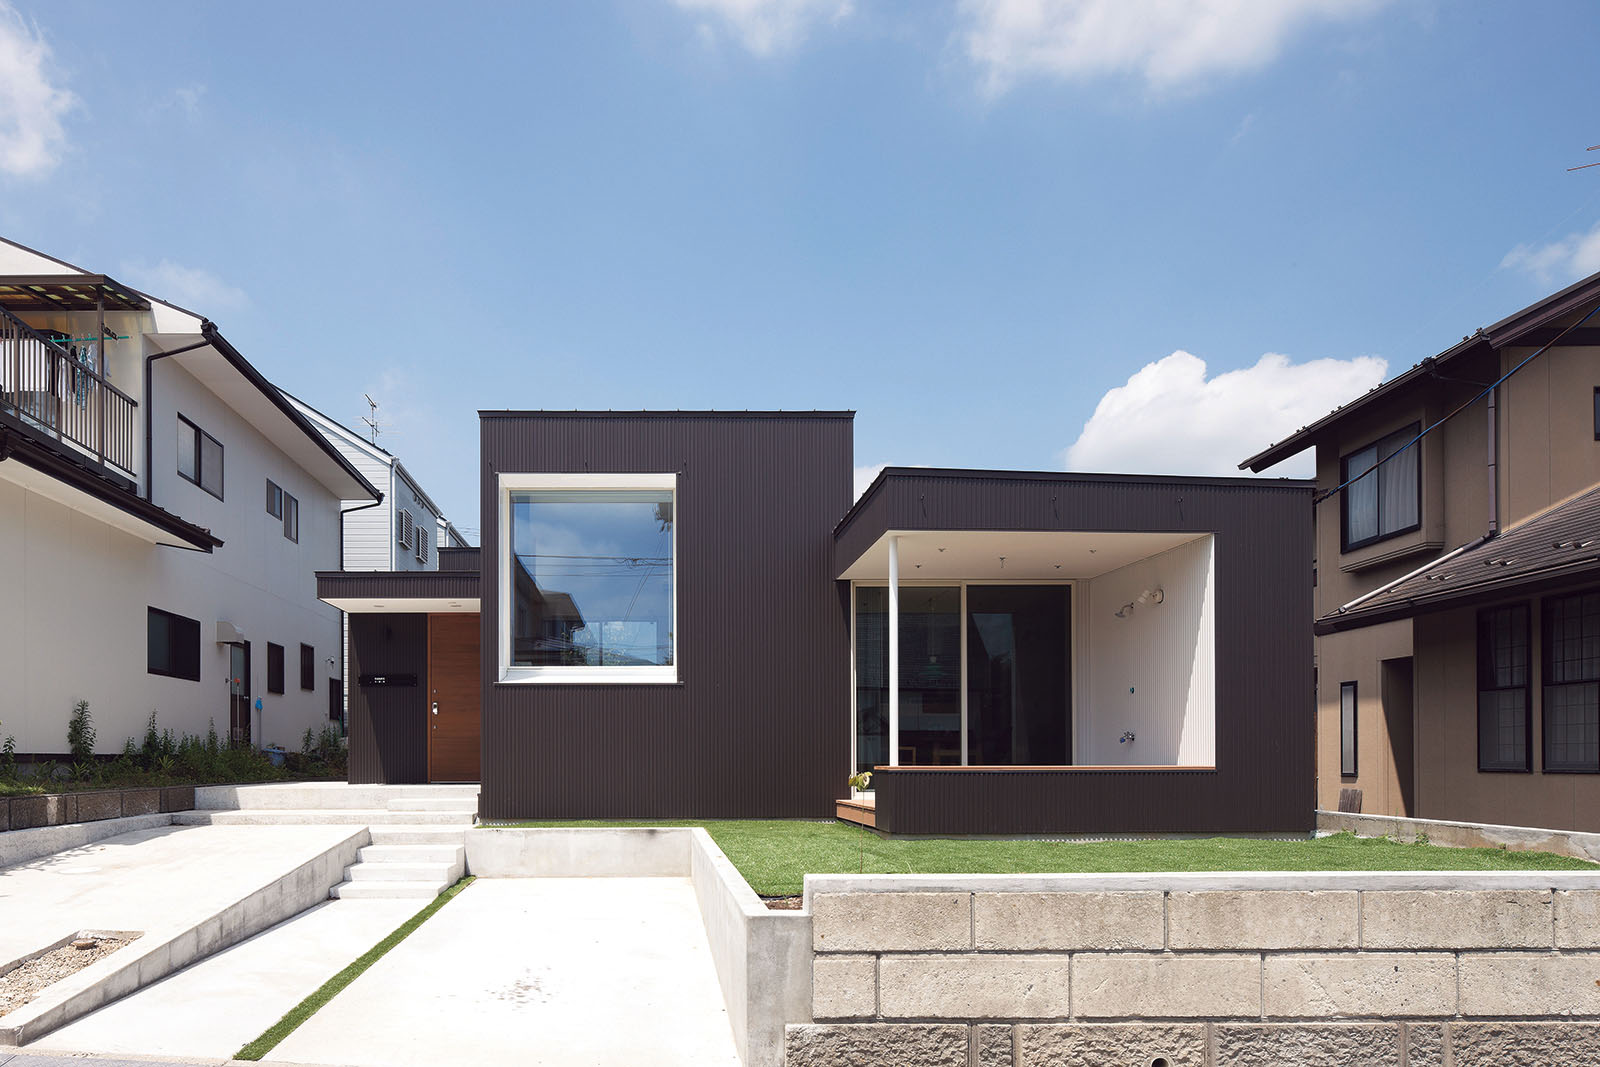 ボックスを組み合わせたような外観。軒天や窓まわりの白い外装材が家の表情を引き締めている